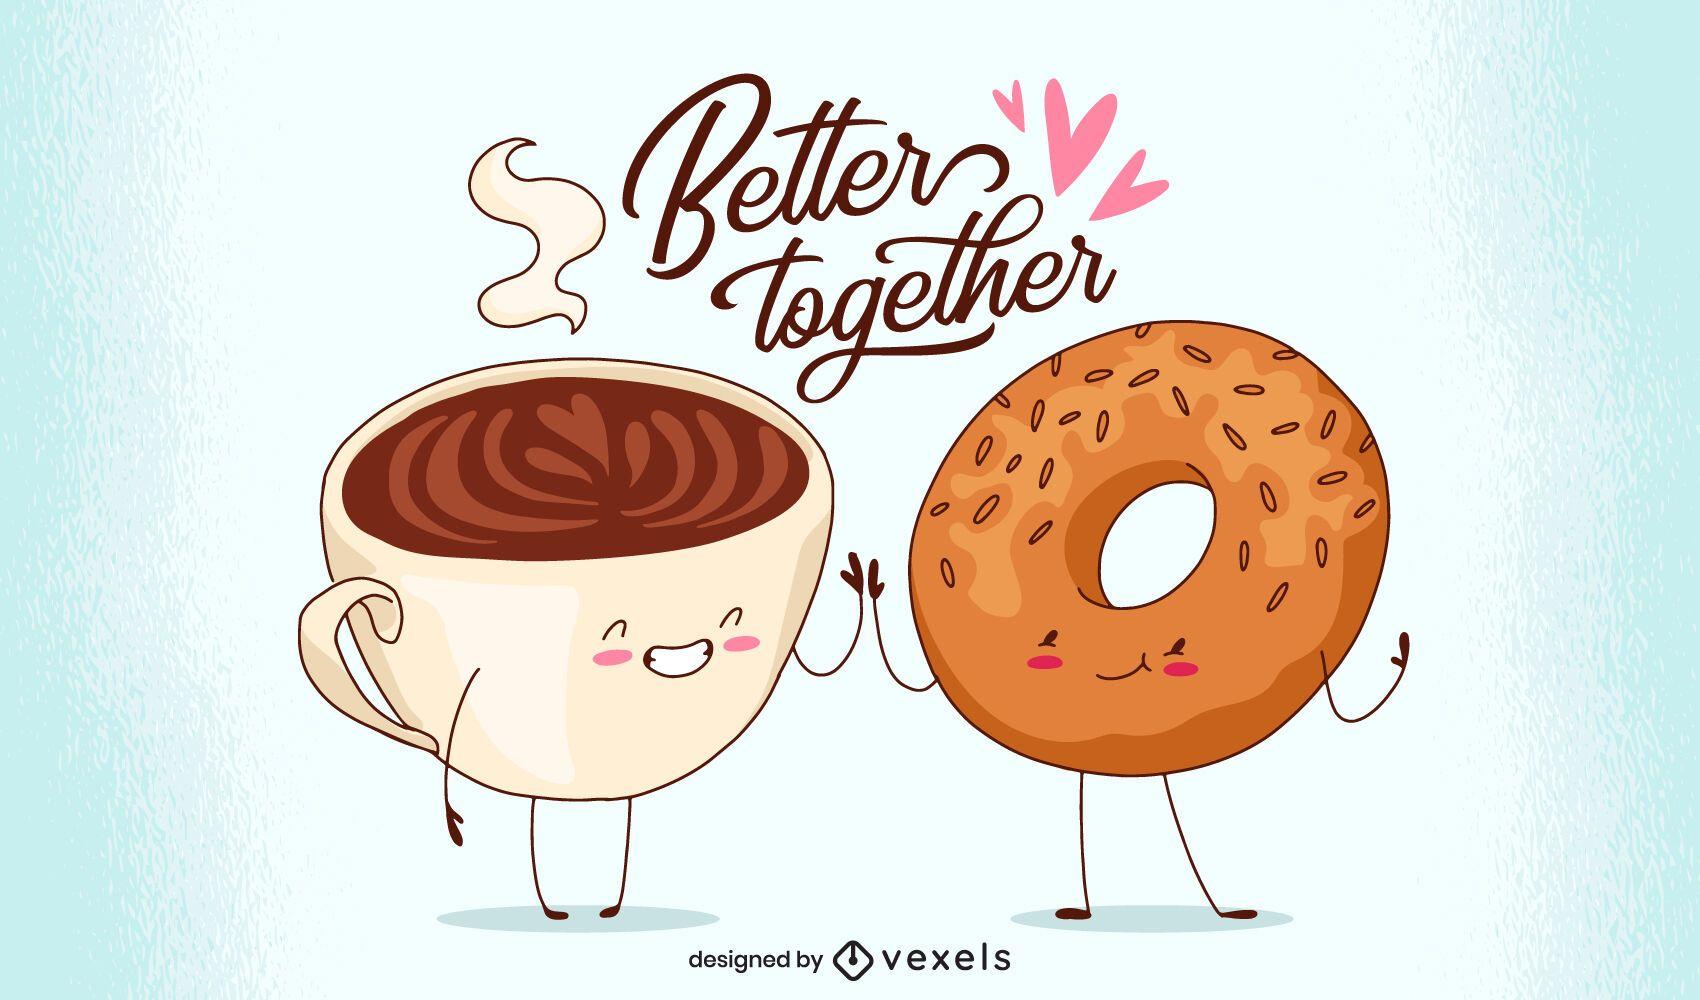 Better together illustration design